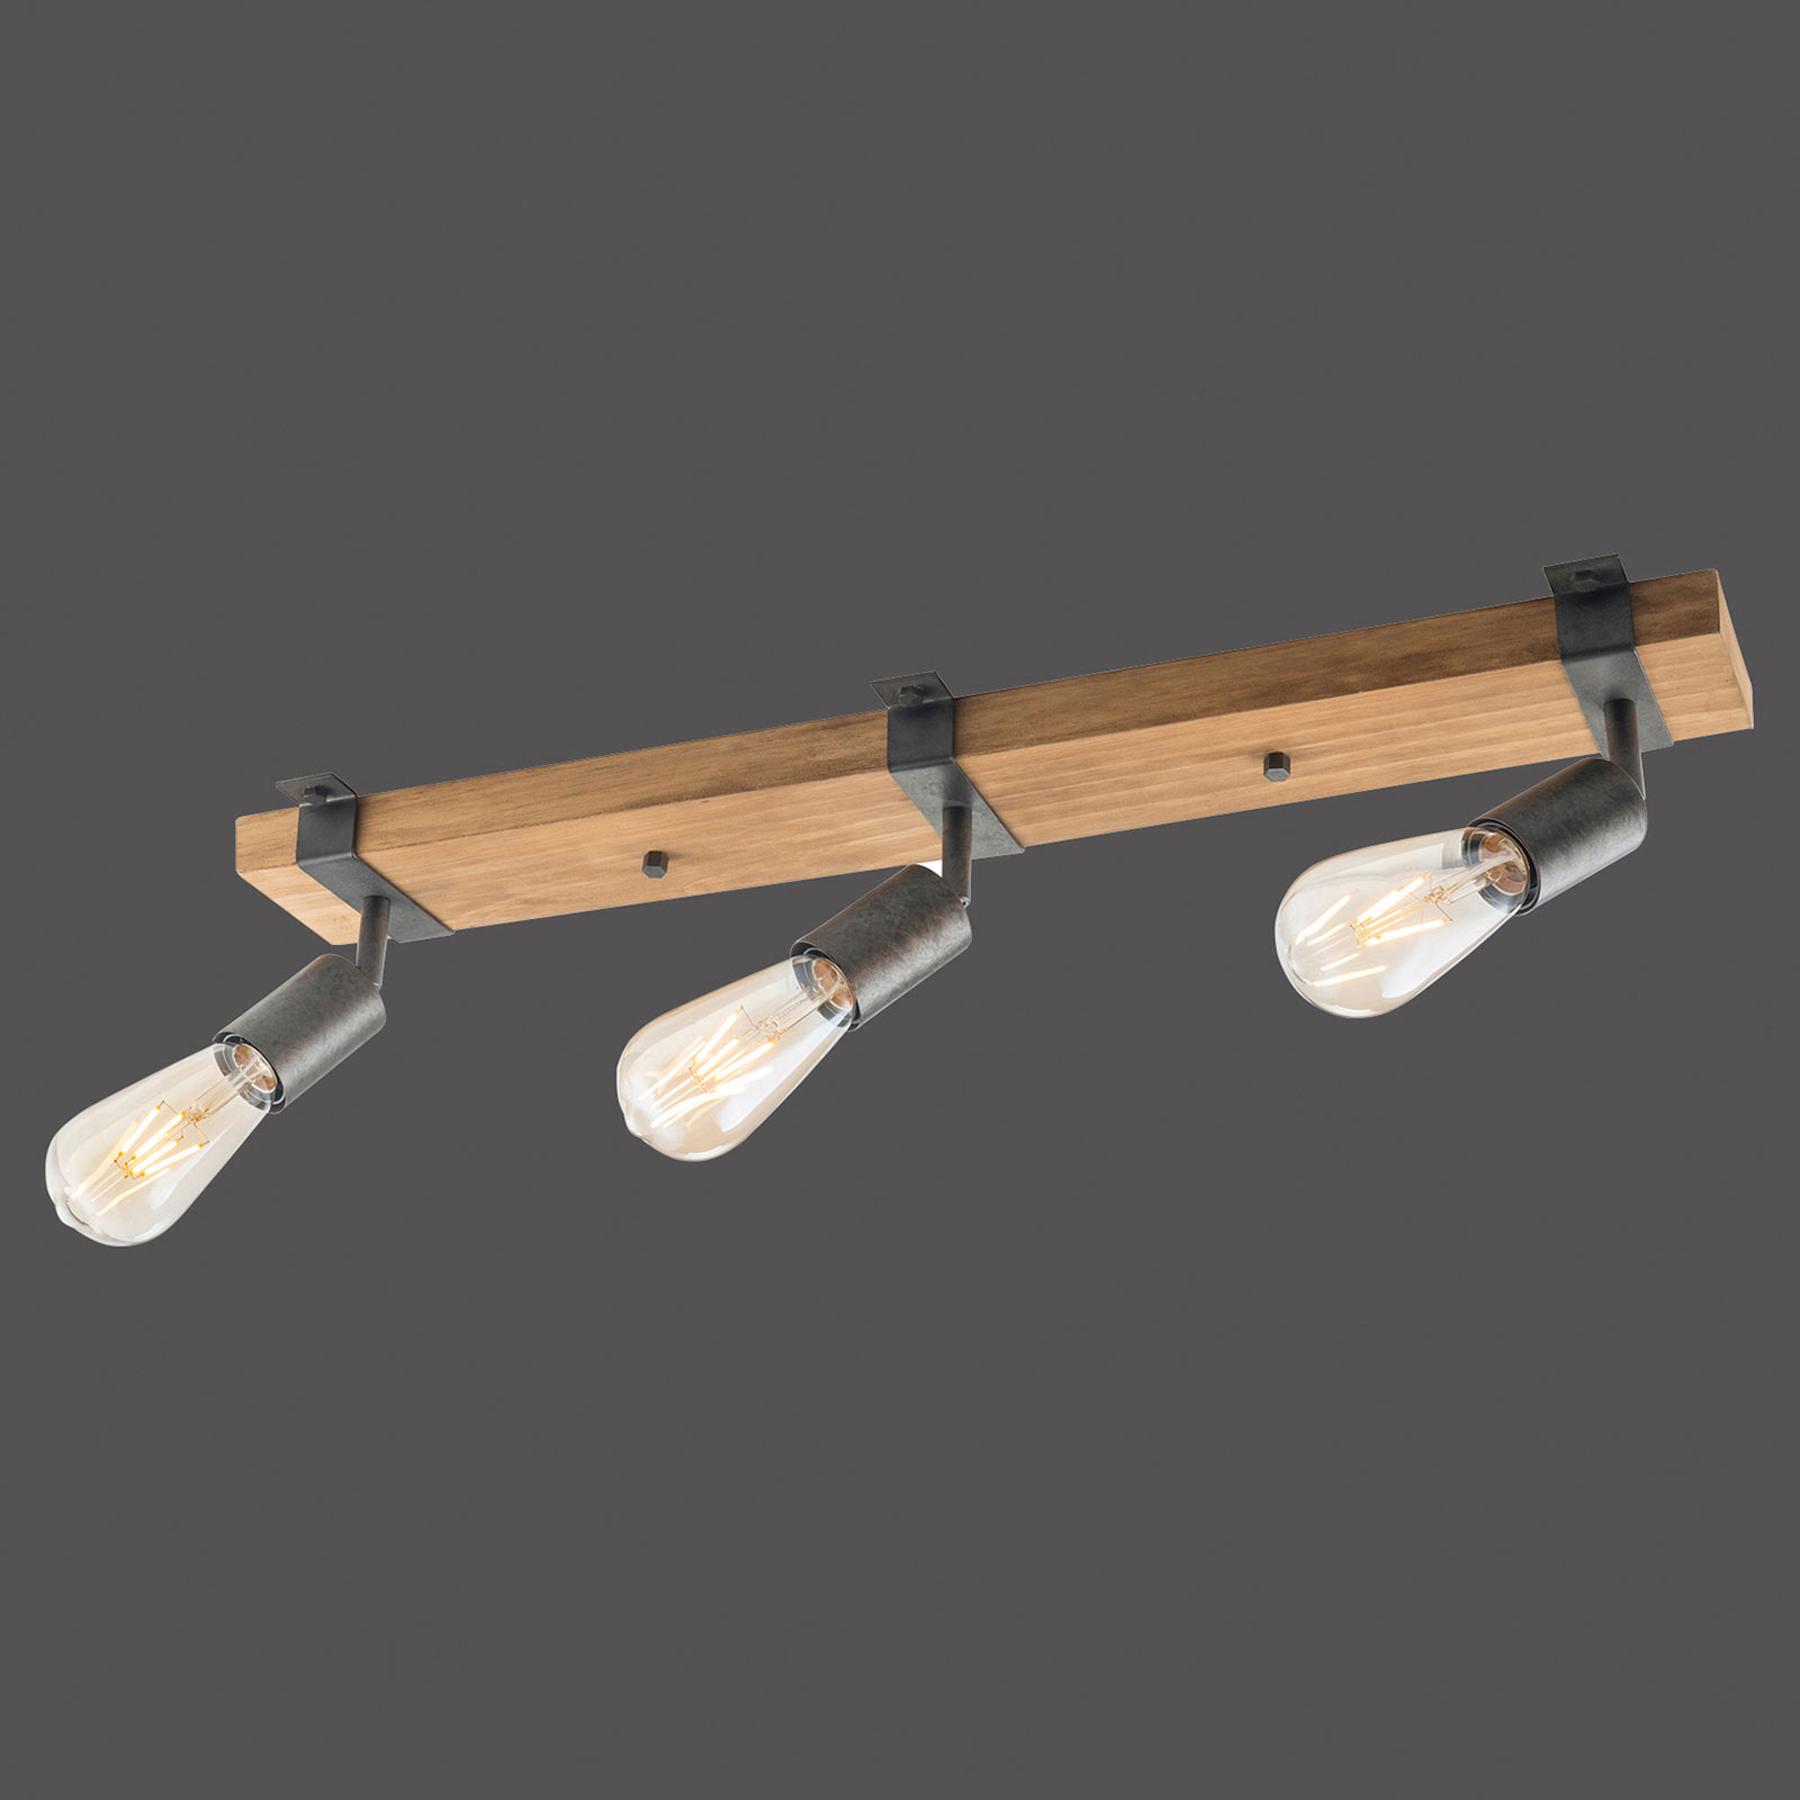 Lampa sufitowa Slat, wychylana, 3-punktowa